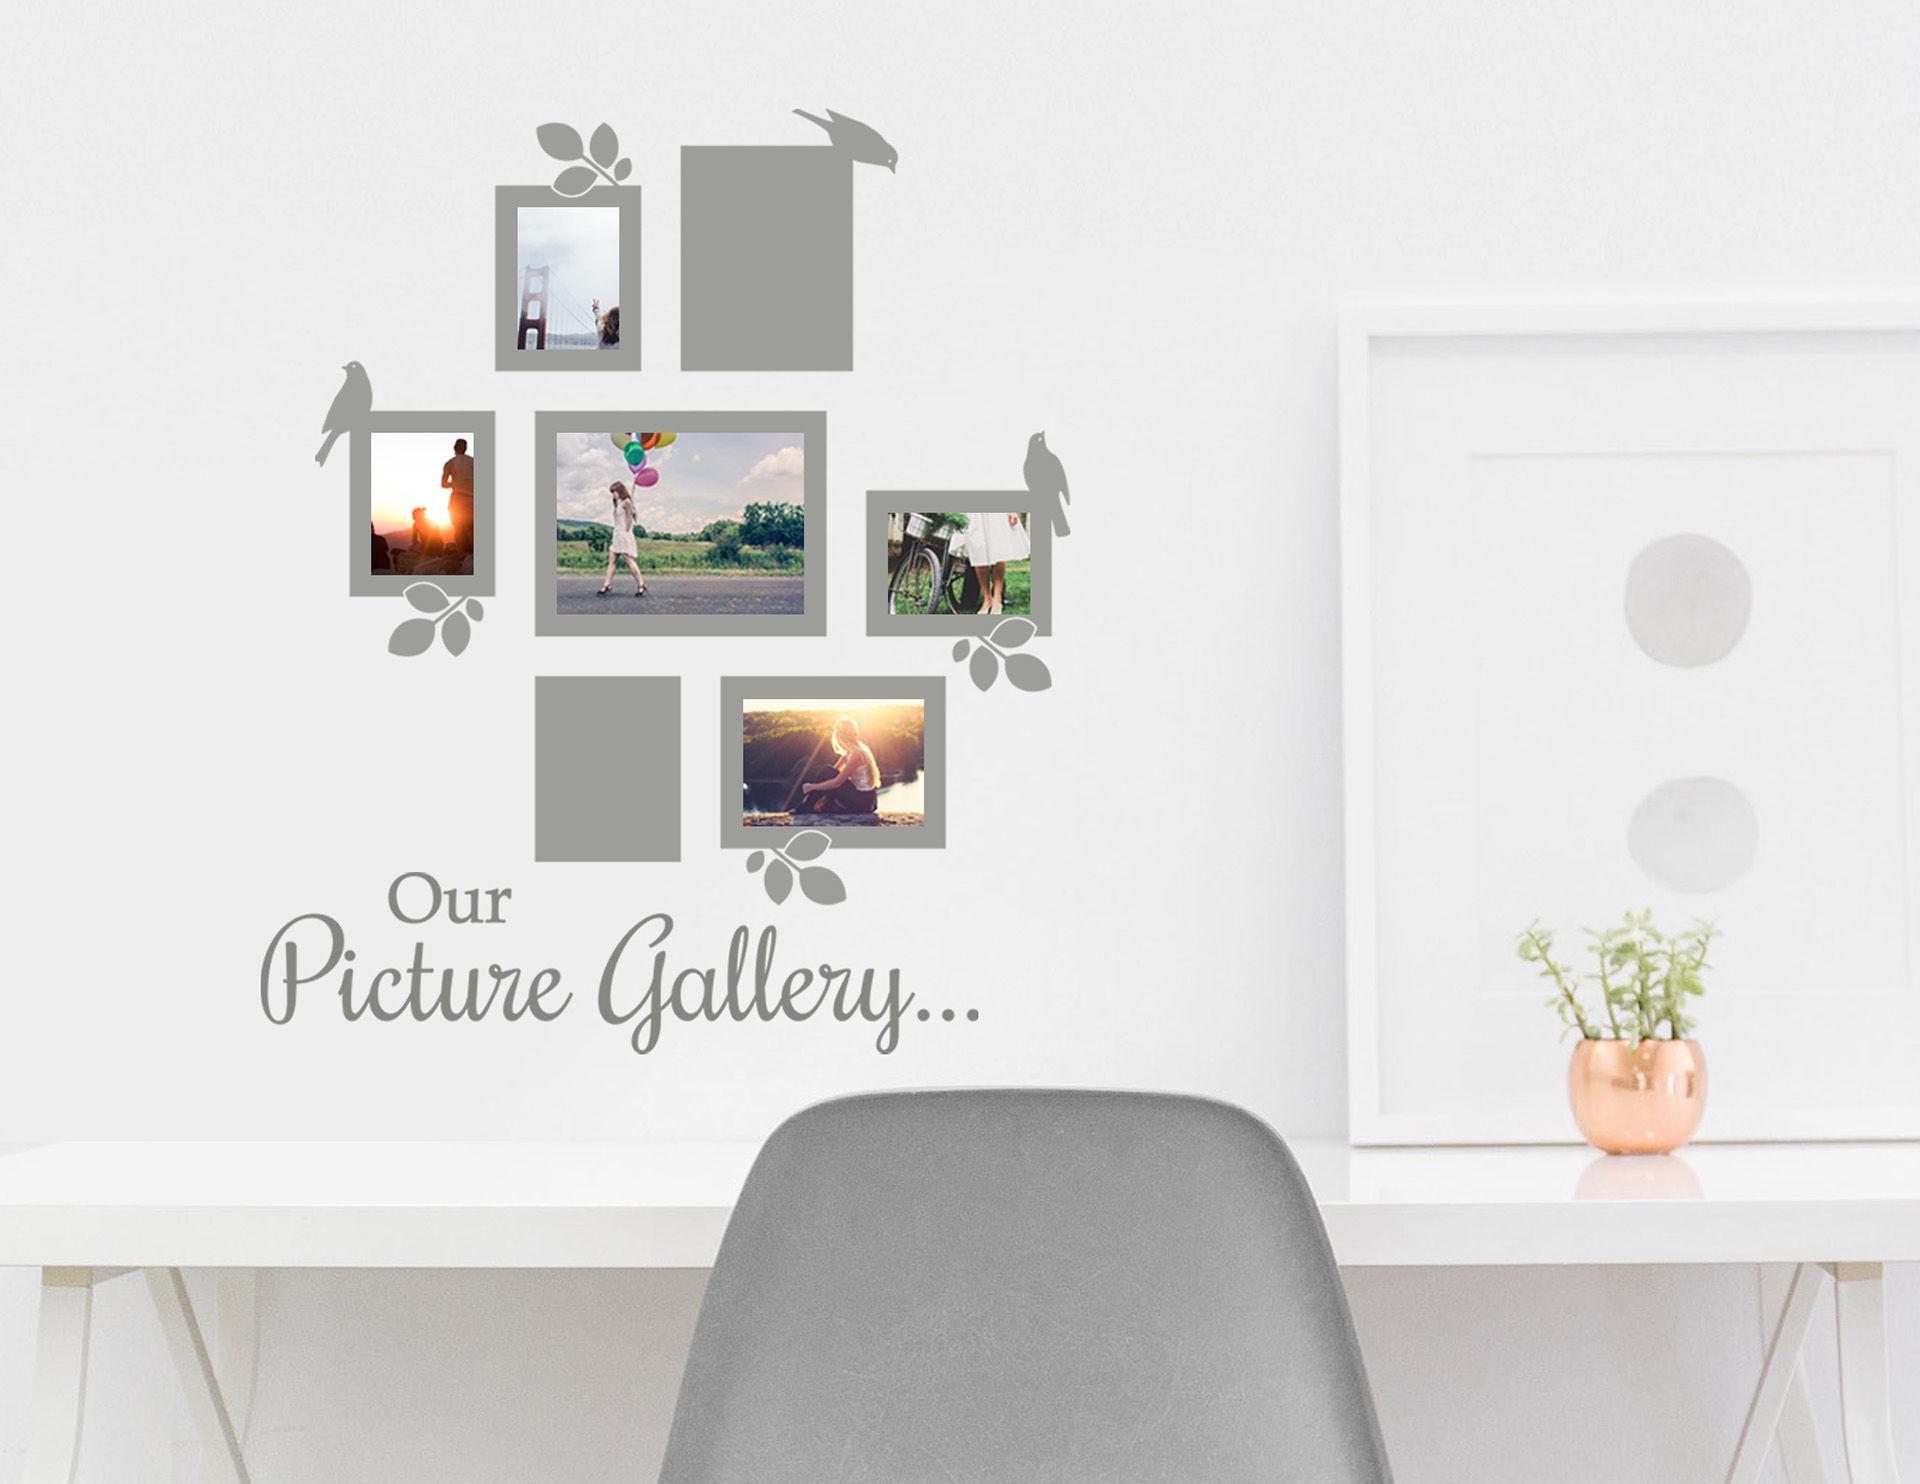 Wandtattoo Our Picture Gallery mit 7 schönen Fotorahmen